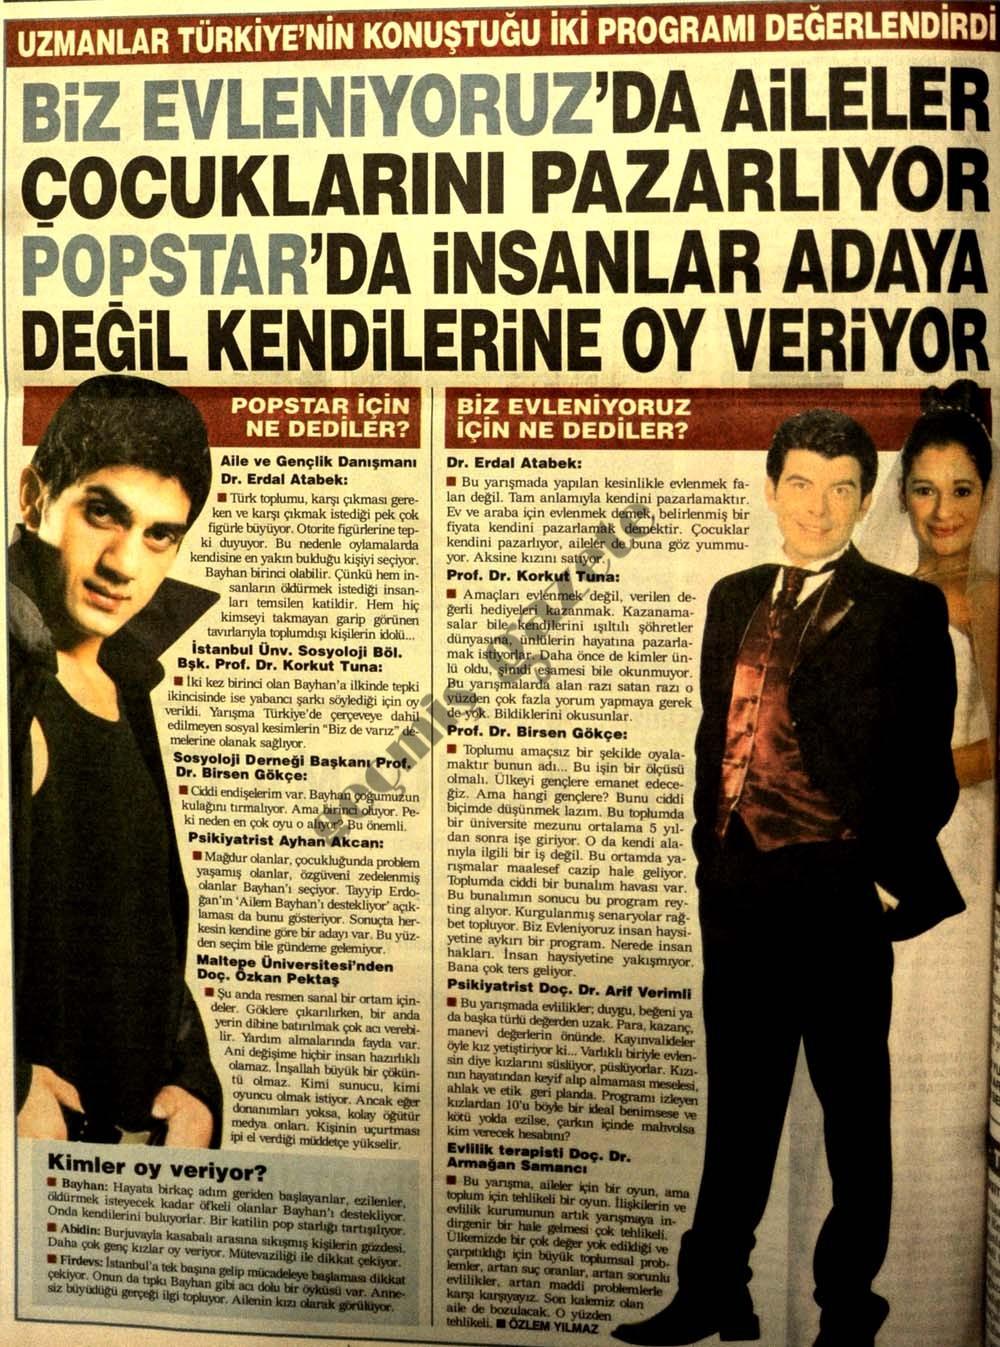 Türkiye'nin konuştuğu iki program